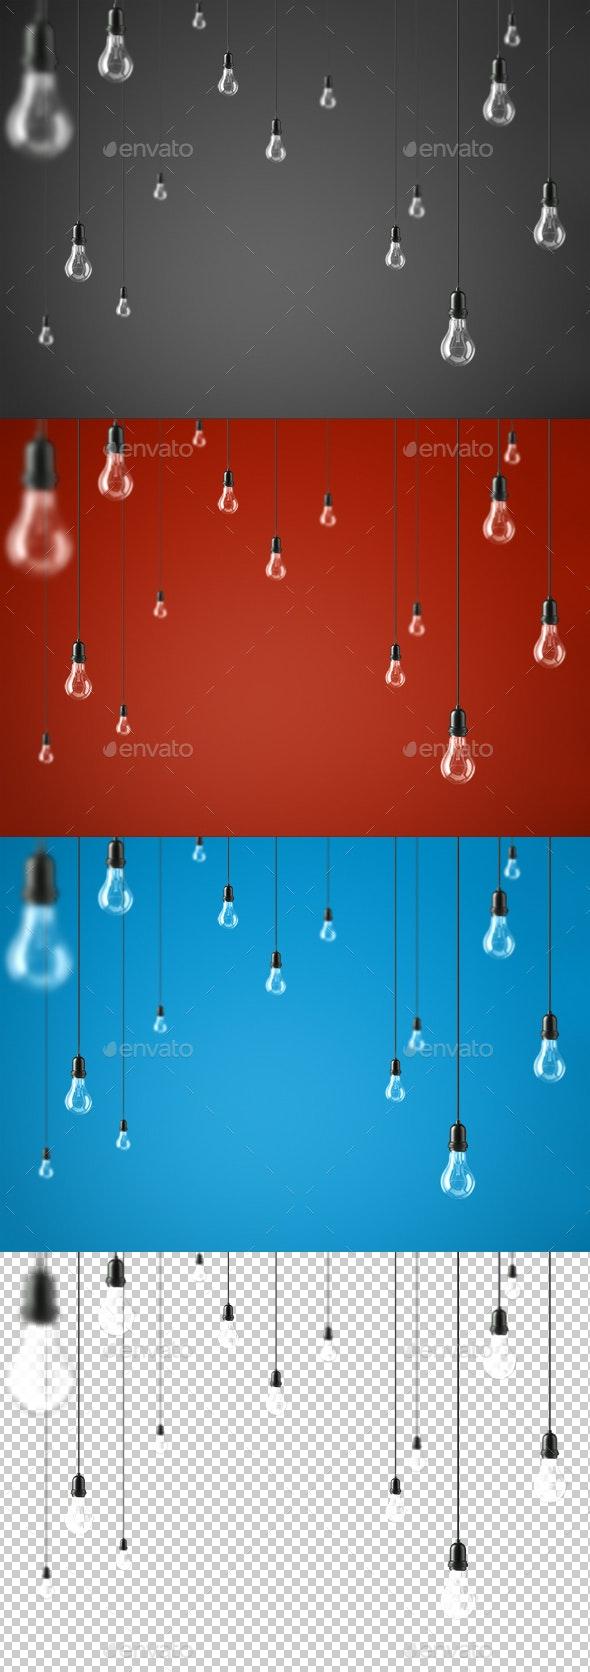 Lamp Light Bulbs - Objects 3D Renders